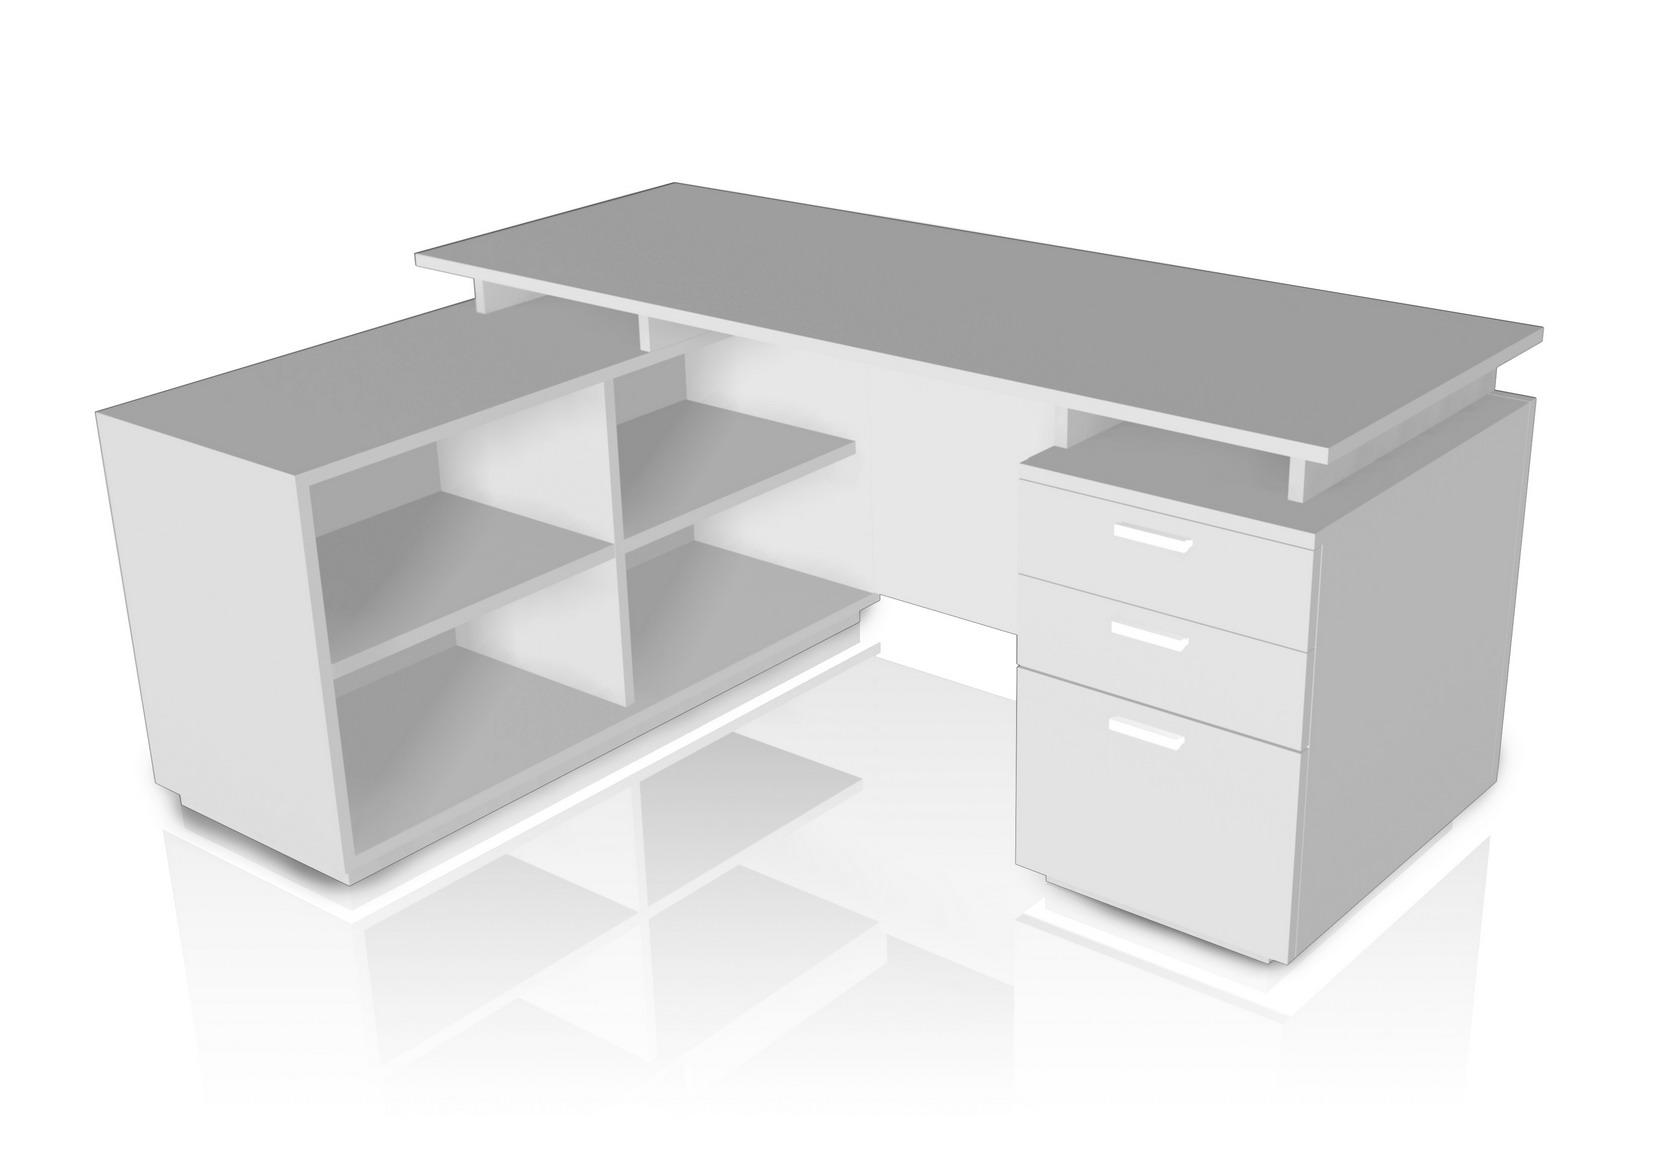 ชุดโต๊ะทำงานผู้บริหาร Flexi 160 Set ขนาด 160(ก)120(ล)*75(ส) ซม. (เมลามีน)